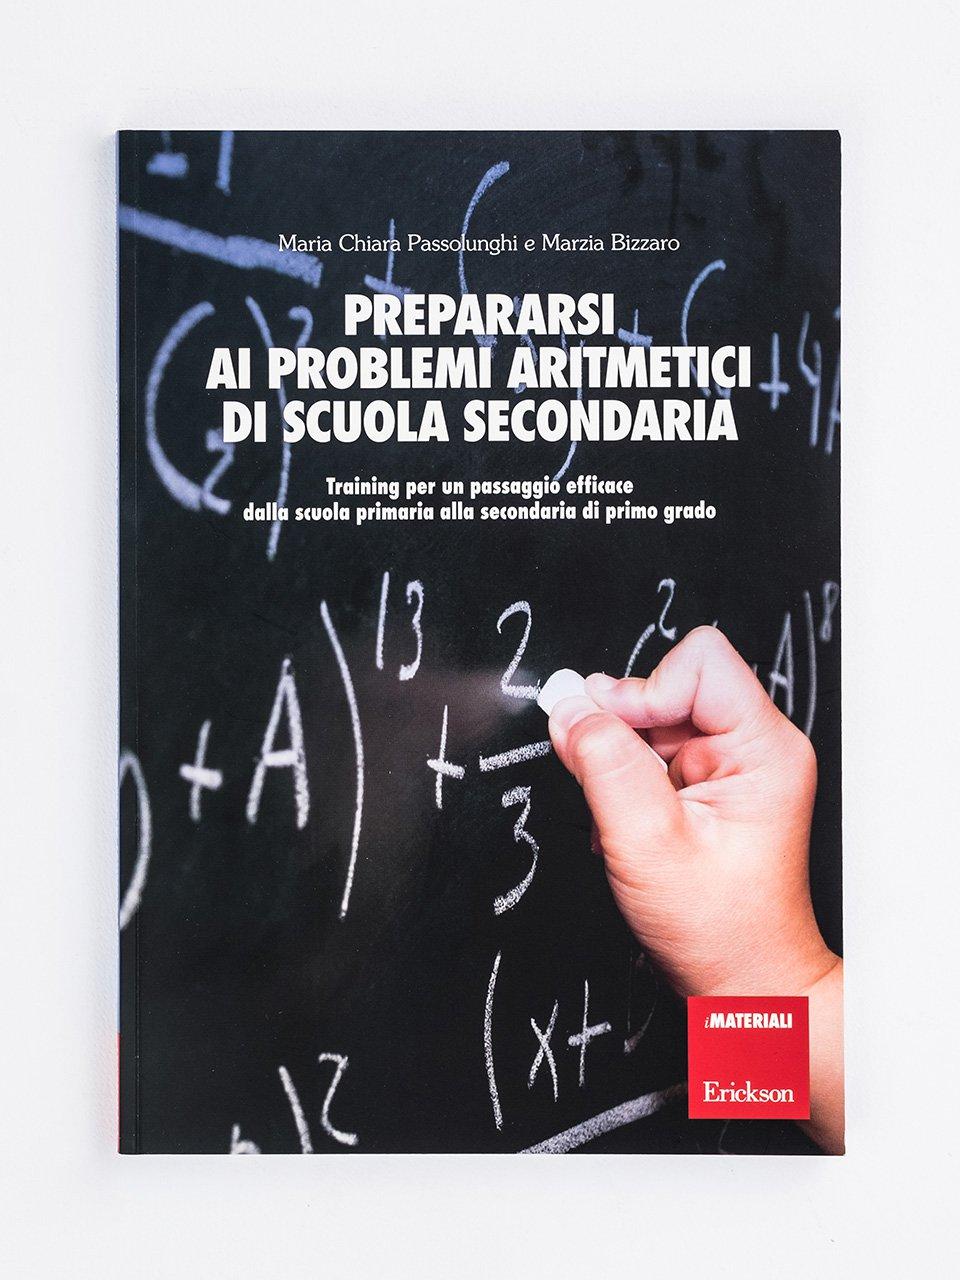 Prepararsi ai problemi aritmetici di scuola secondaria - Le proposte Erickson per i compiti-delle-vacanze - Erickson